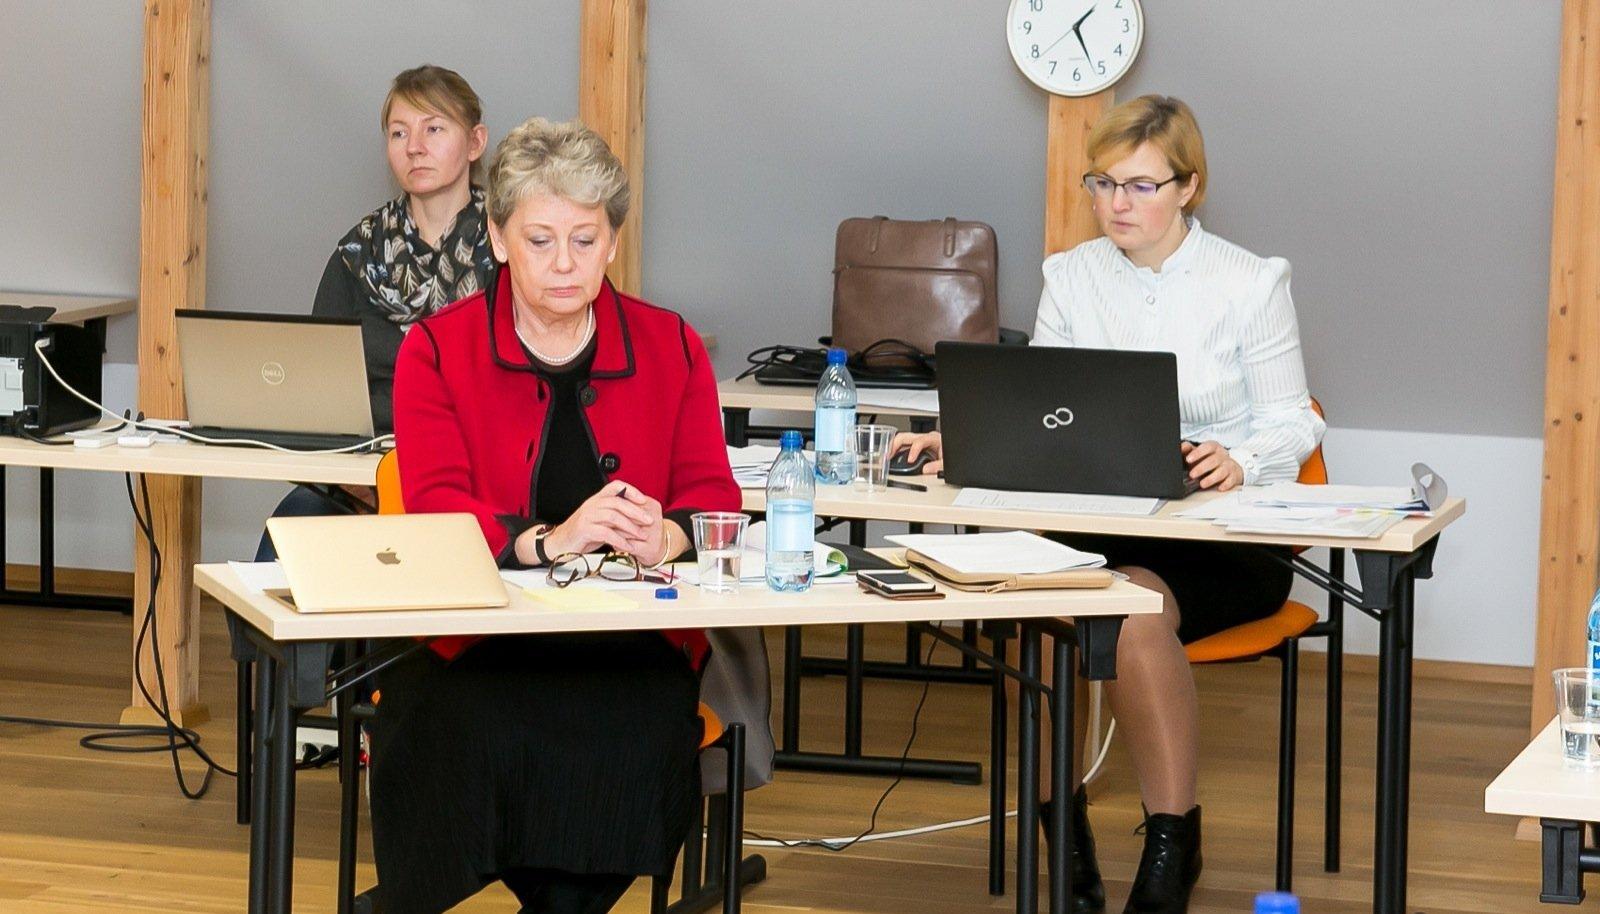 Saaremaa ühendvalla vallavolikogu esimehele Tiiu Arole (ees punases) määrati töötasuks 3800 eurot kuus.